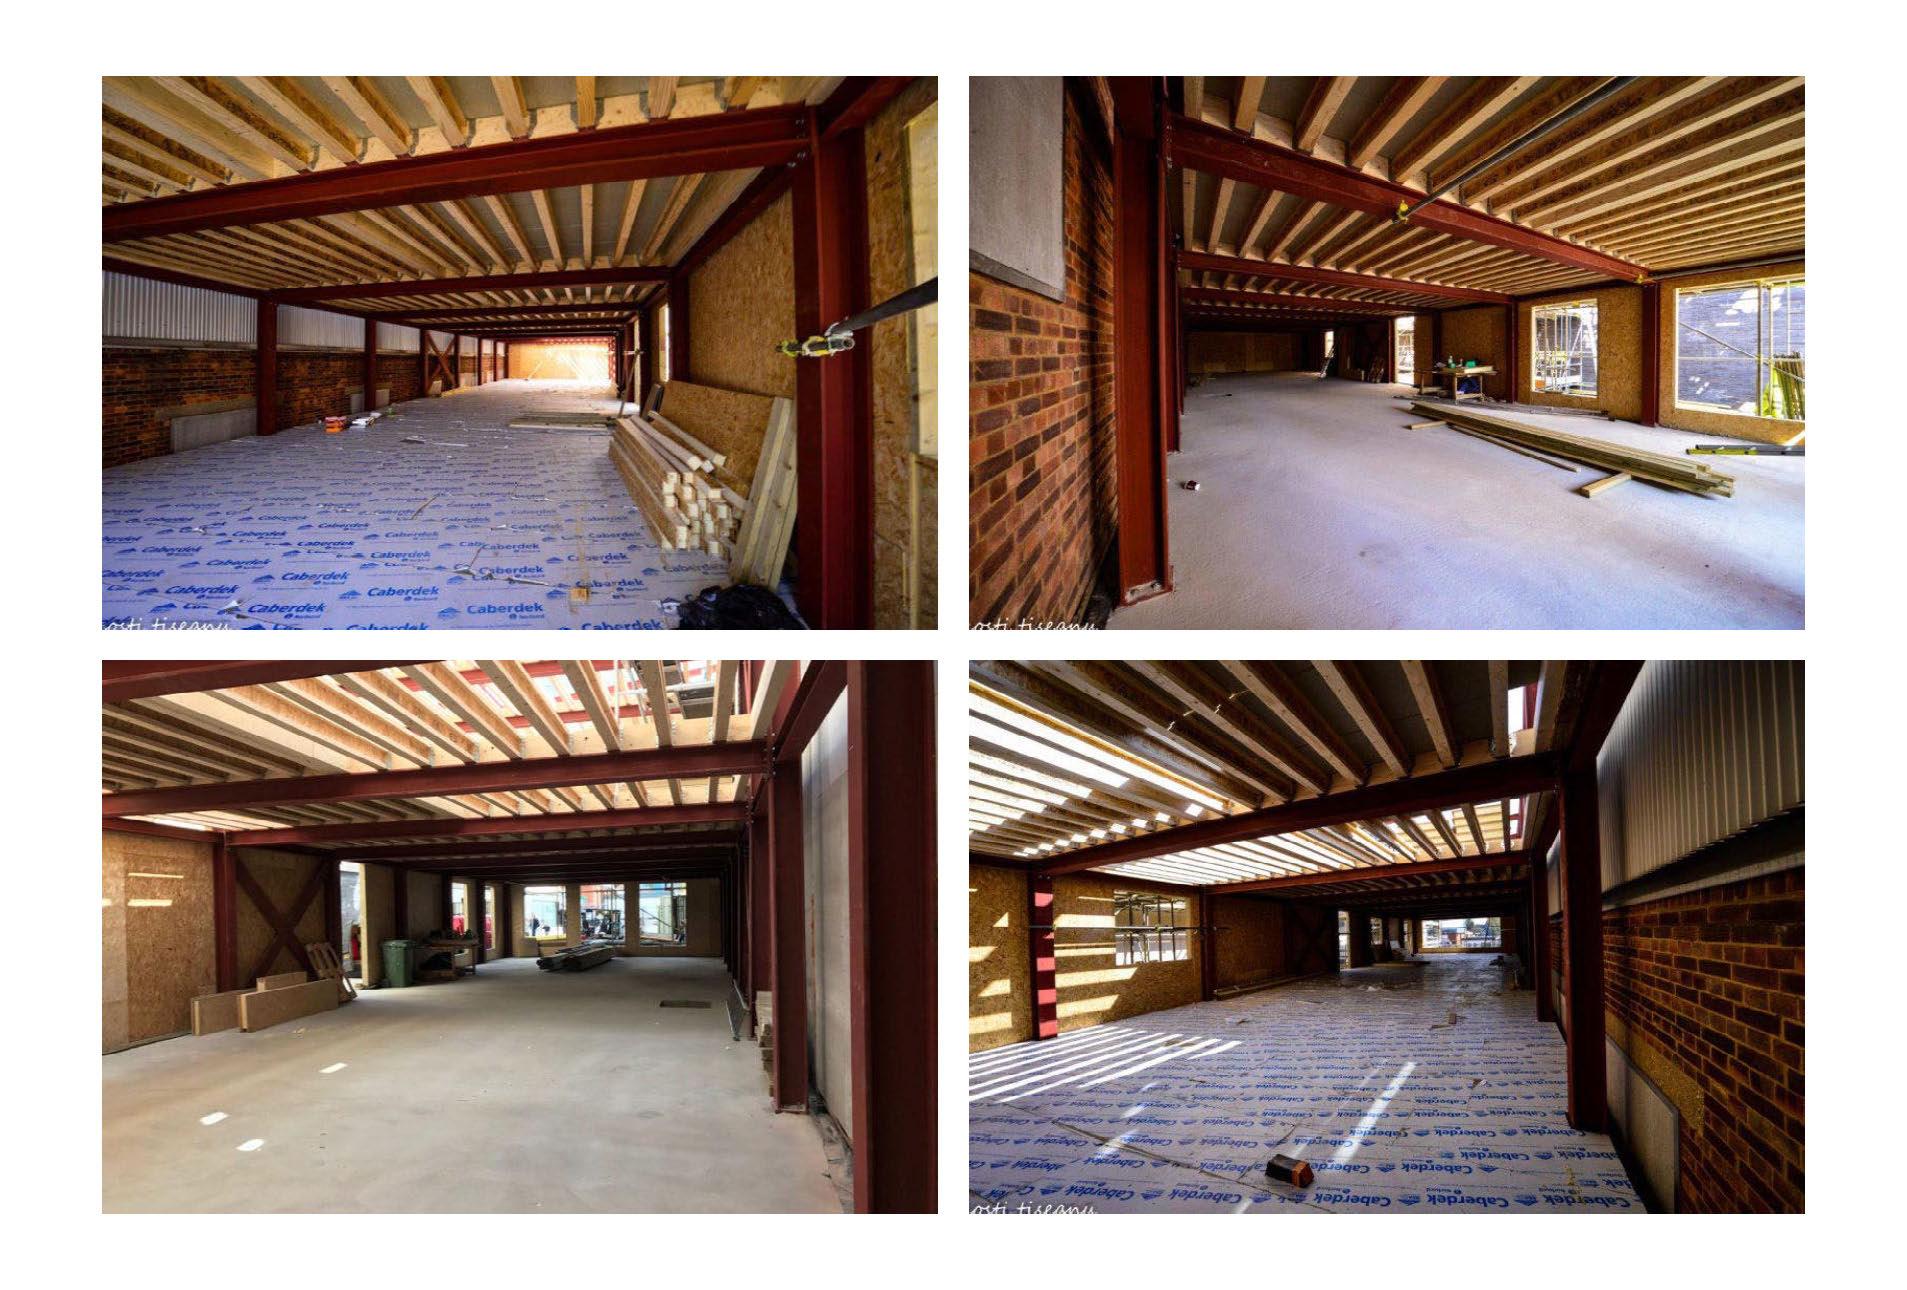 Hall entrepot panneaux sips couverture toit et murs par 4 photo (8)